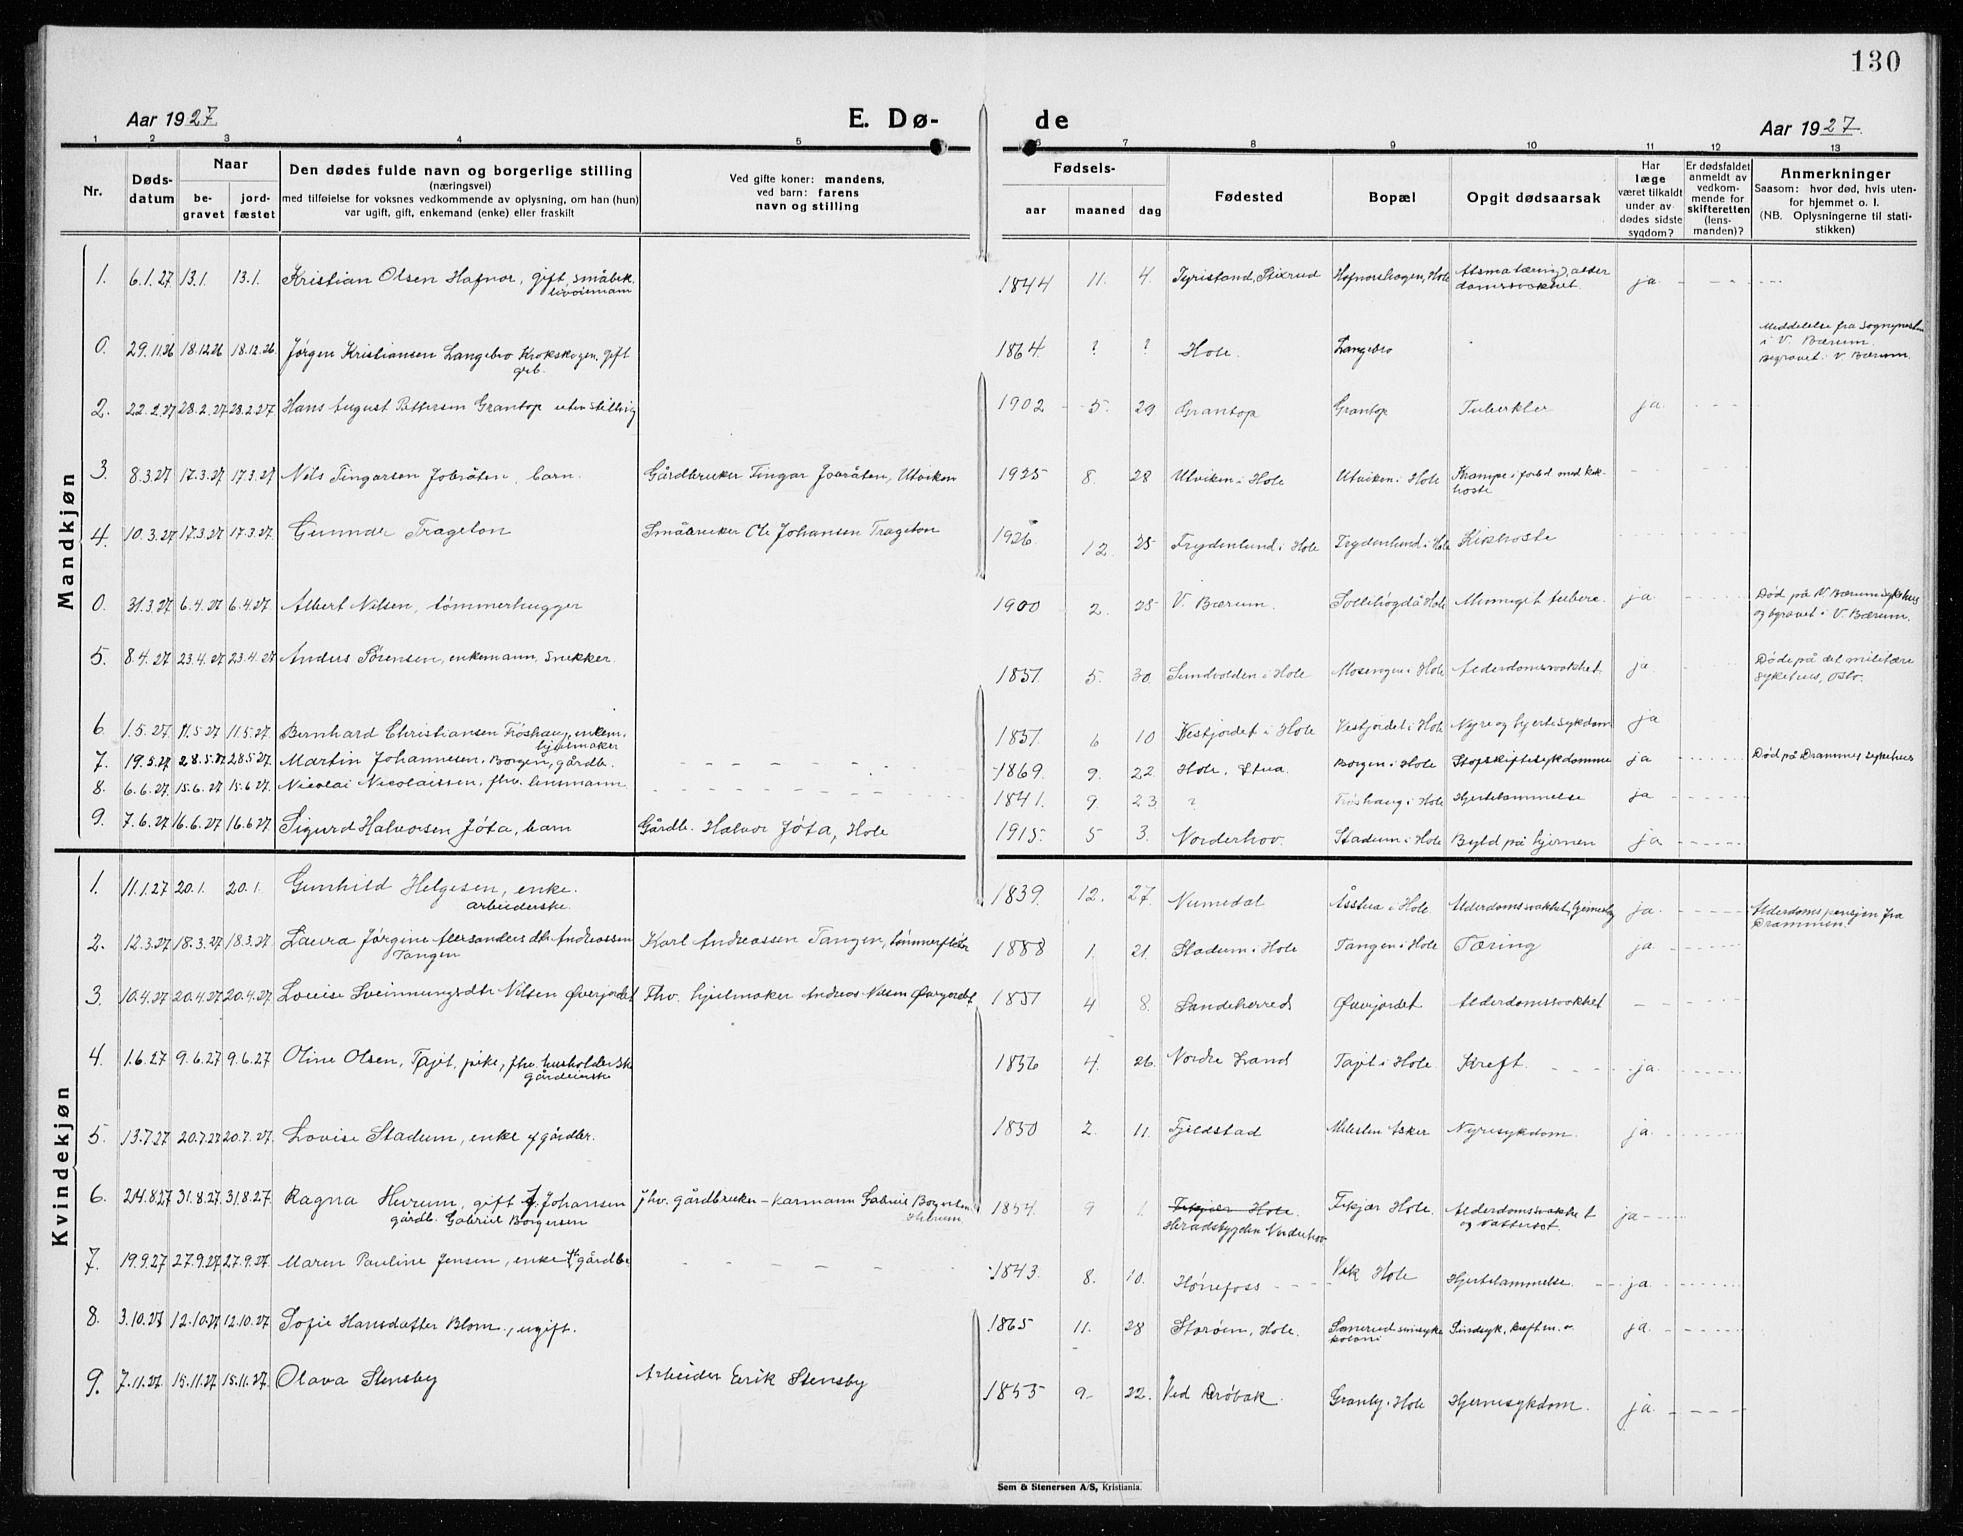 SAKO, Hole kirkebøker, G/Ga/L0005: Klokkerbok nr. I 5, 1924-1938, s. 130